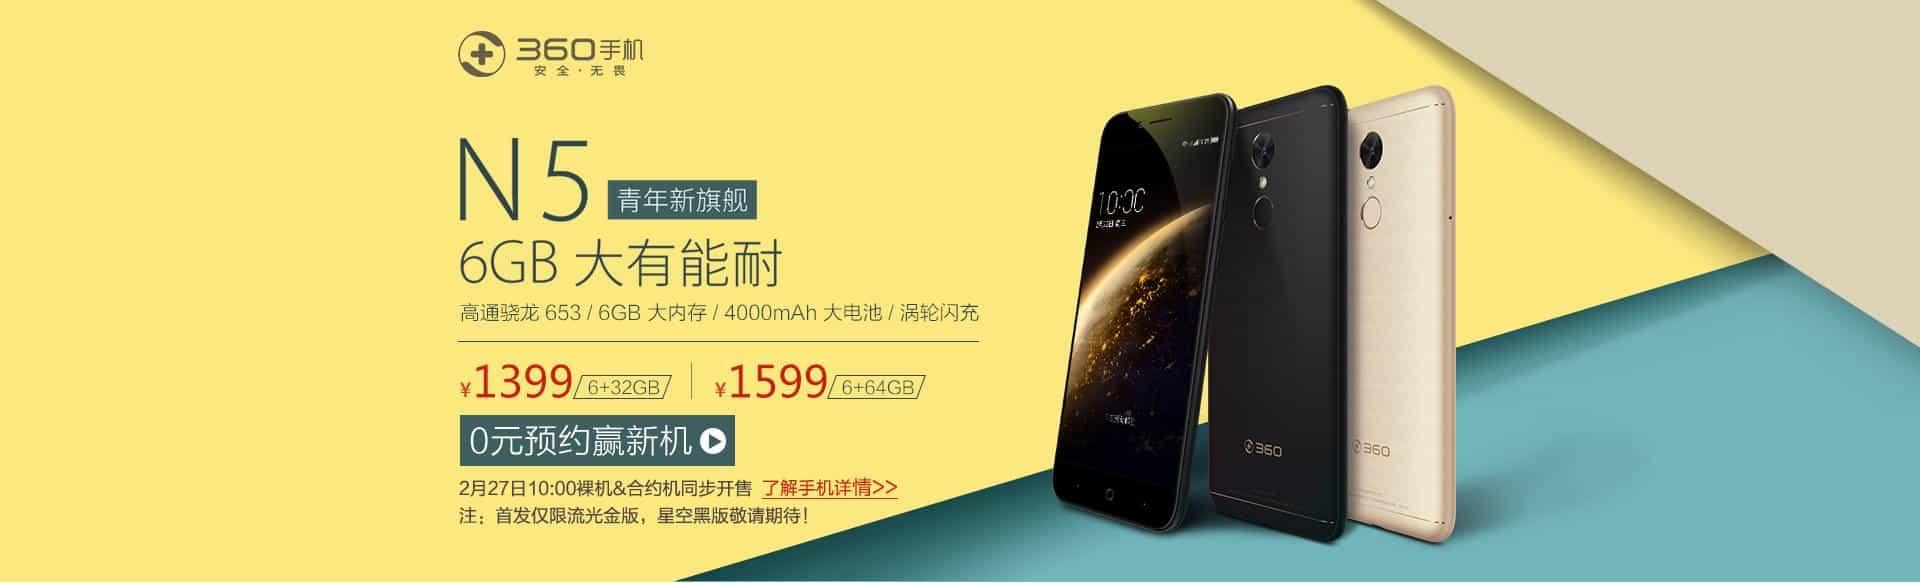 Qihoo 360 N5 KK 1